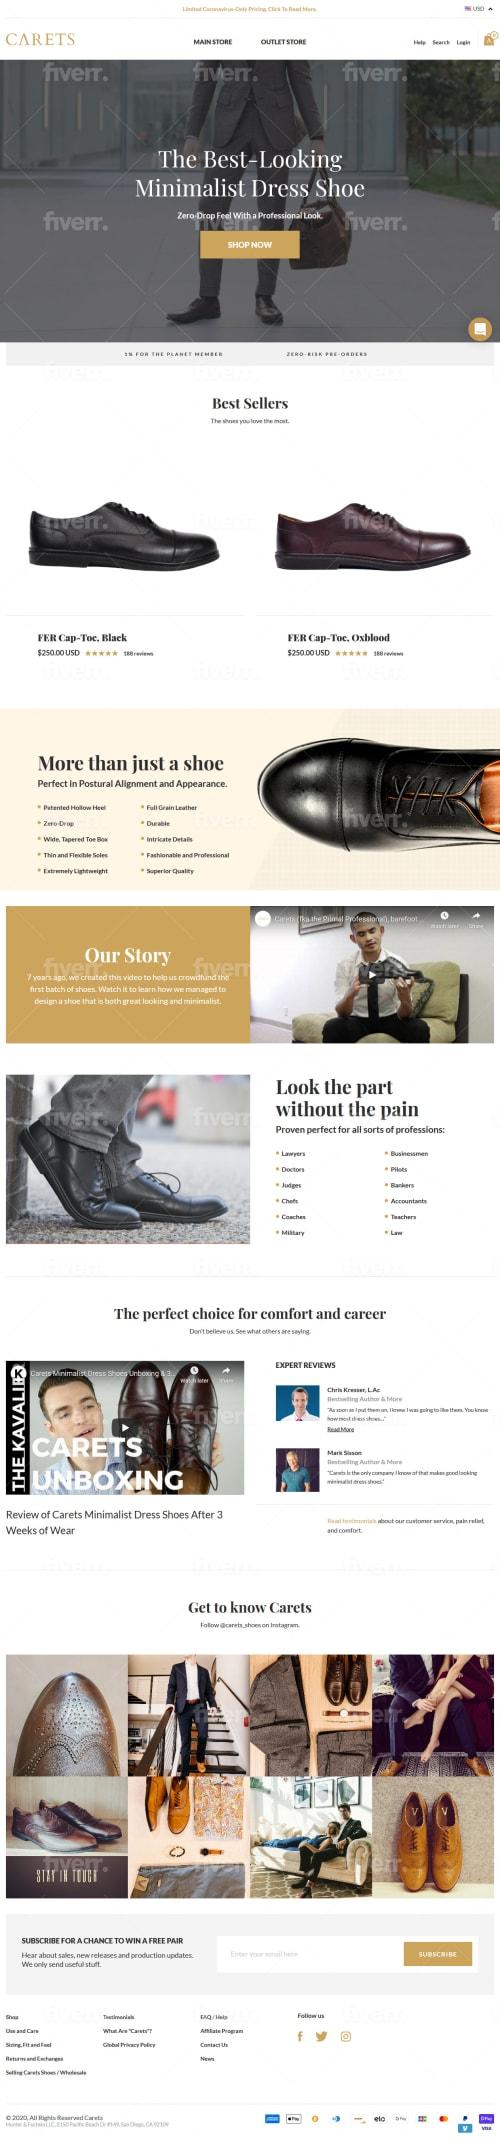 Carets Men's Shoe Store